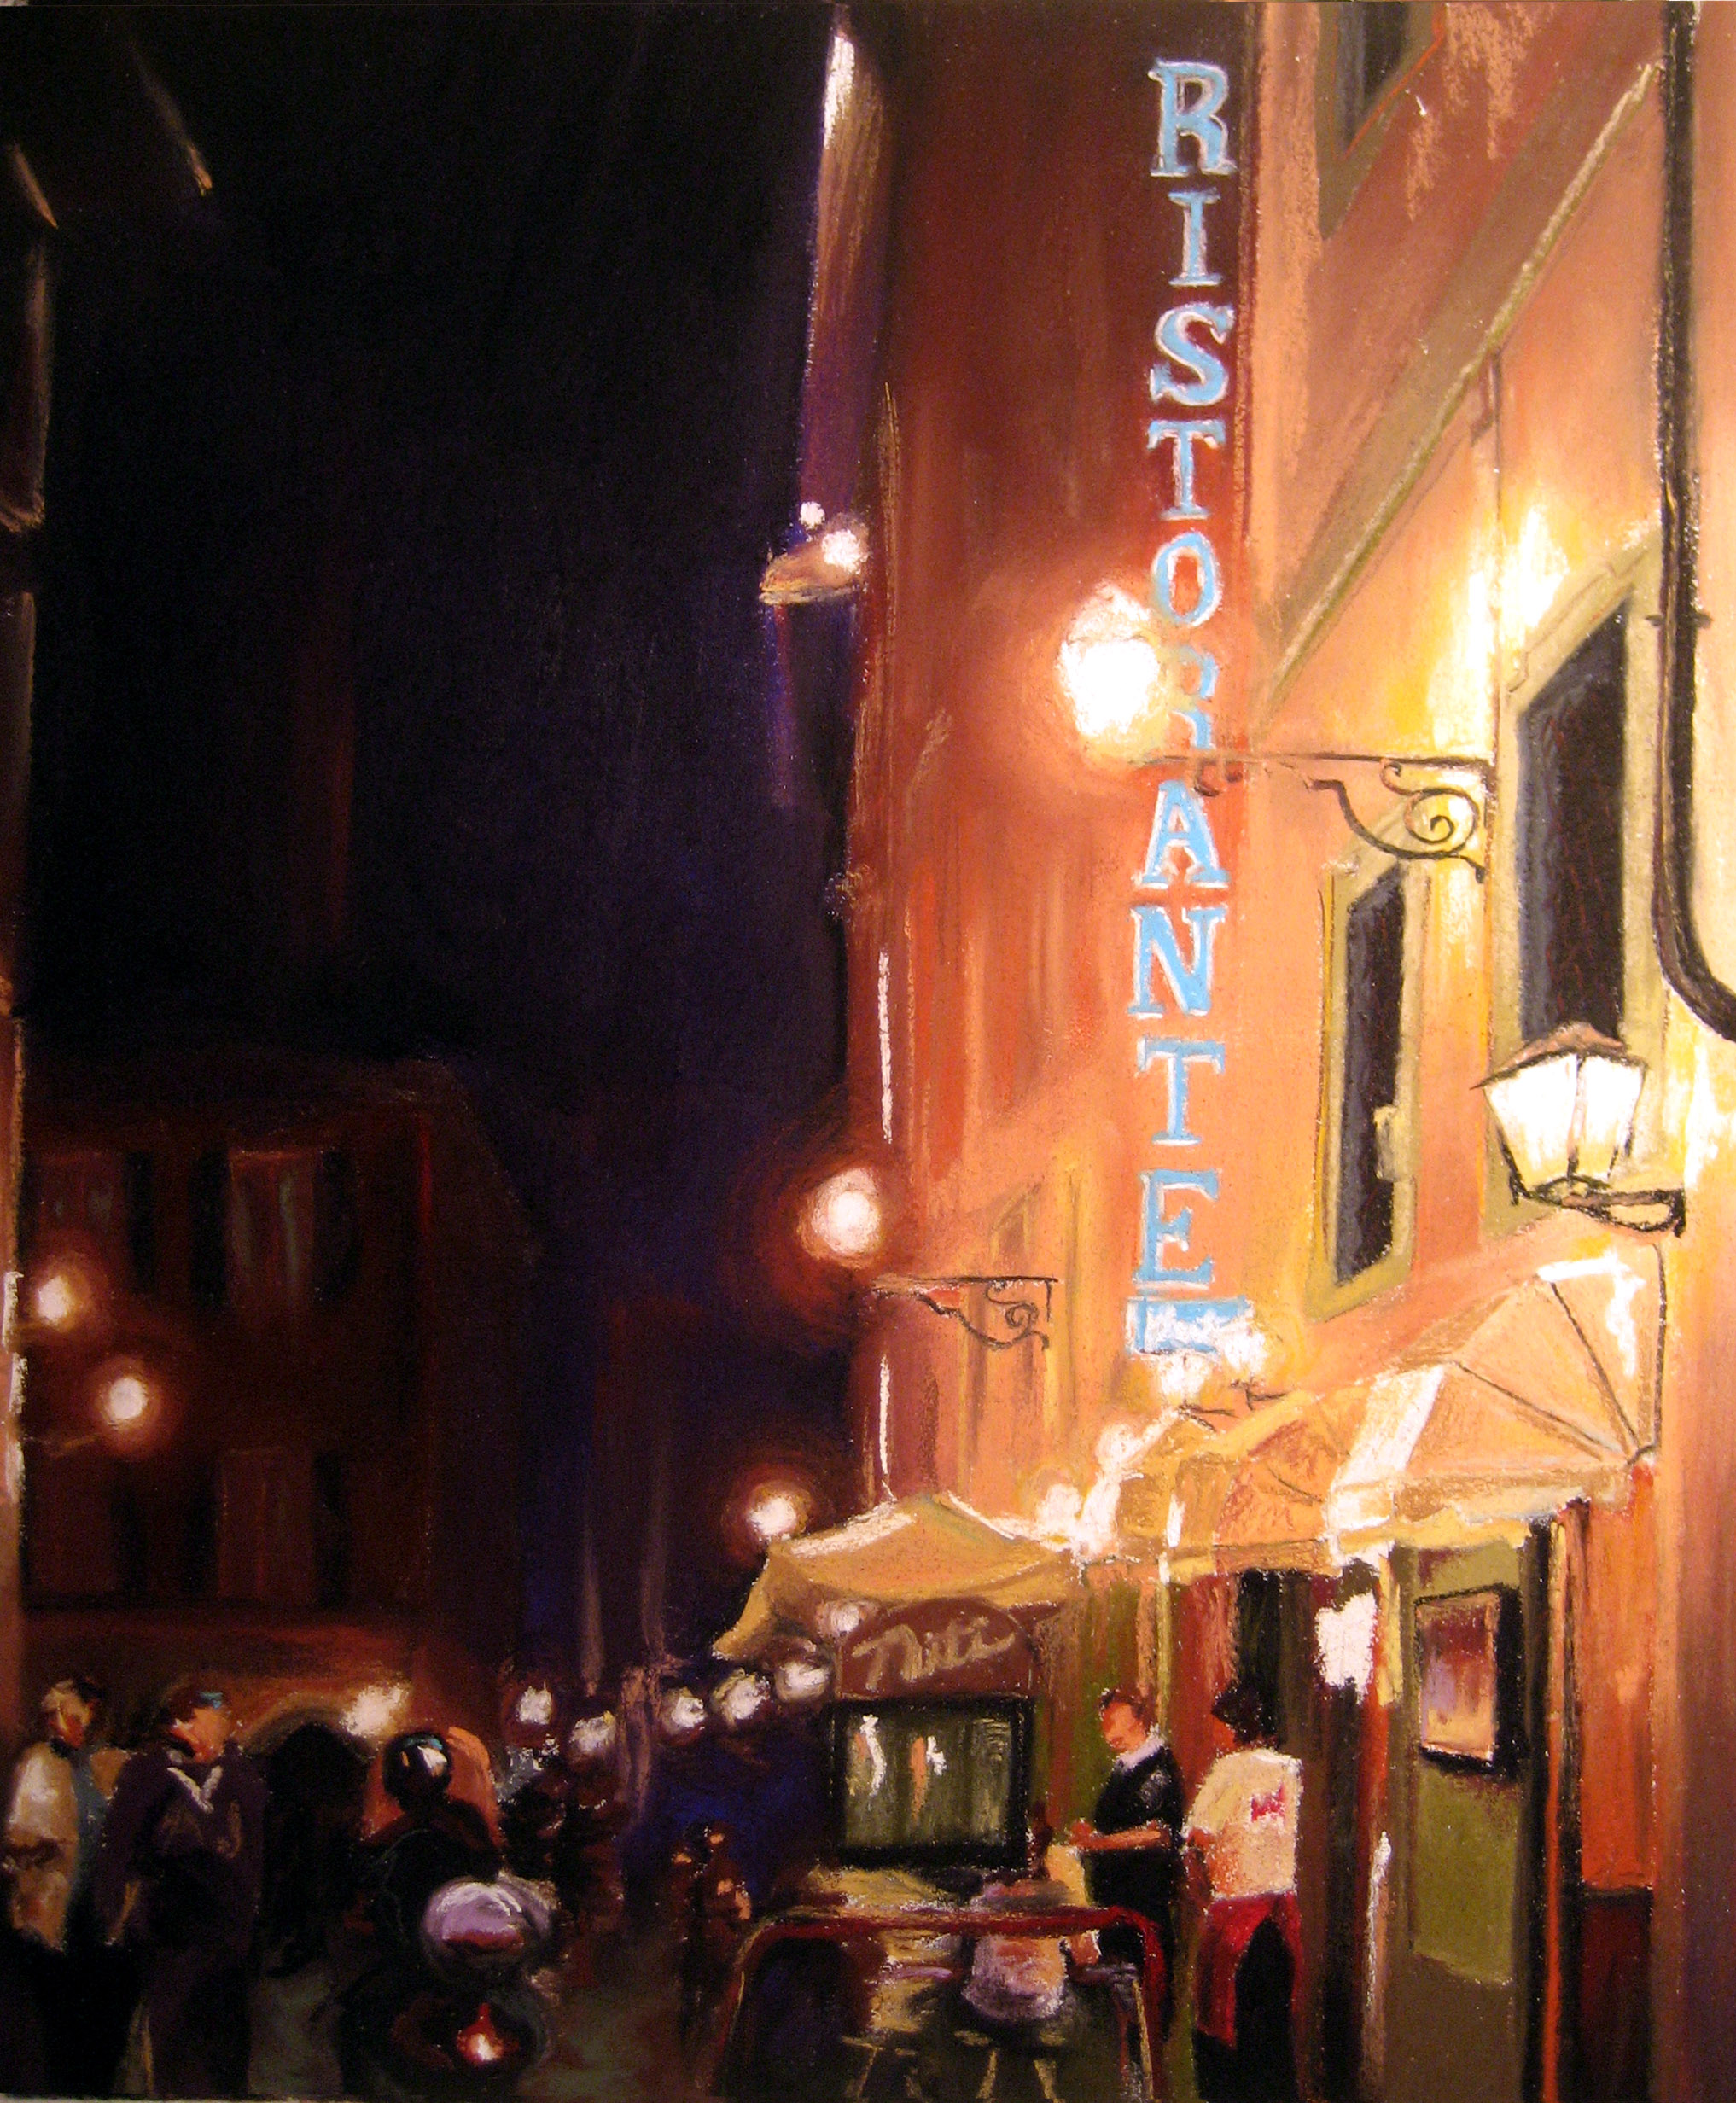 Ristorante, 2008